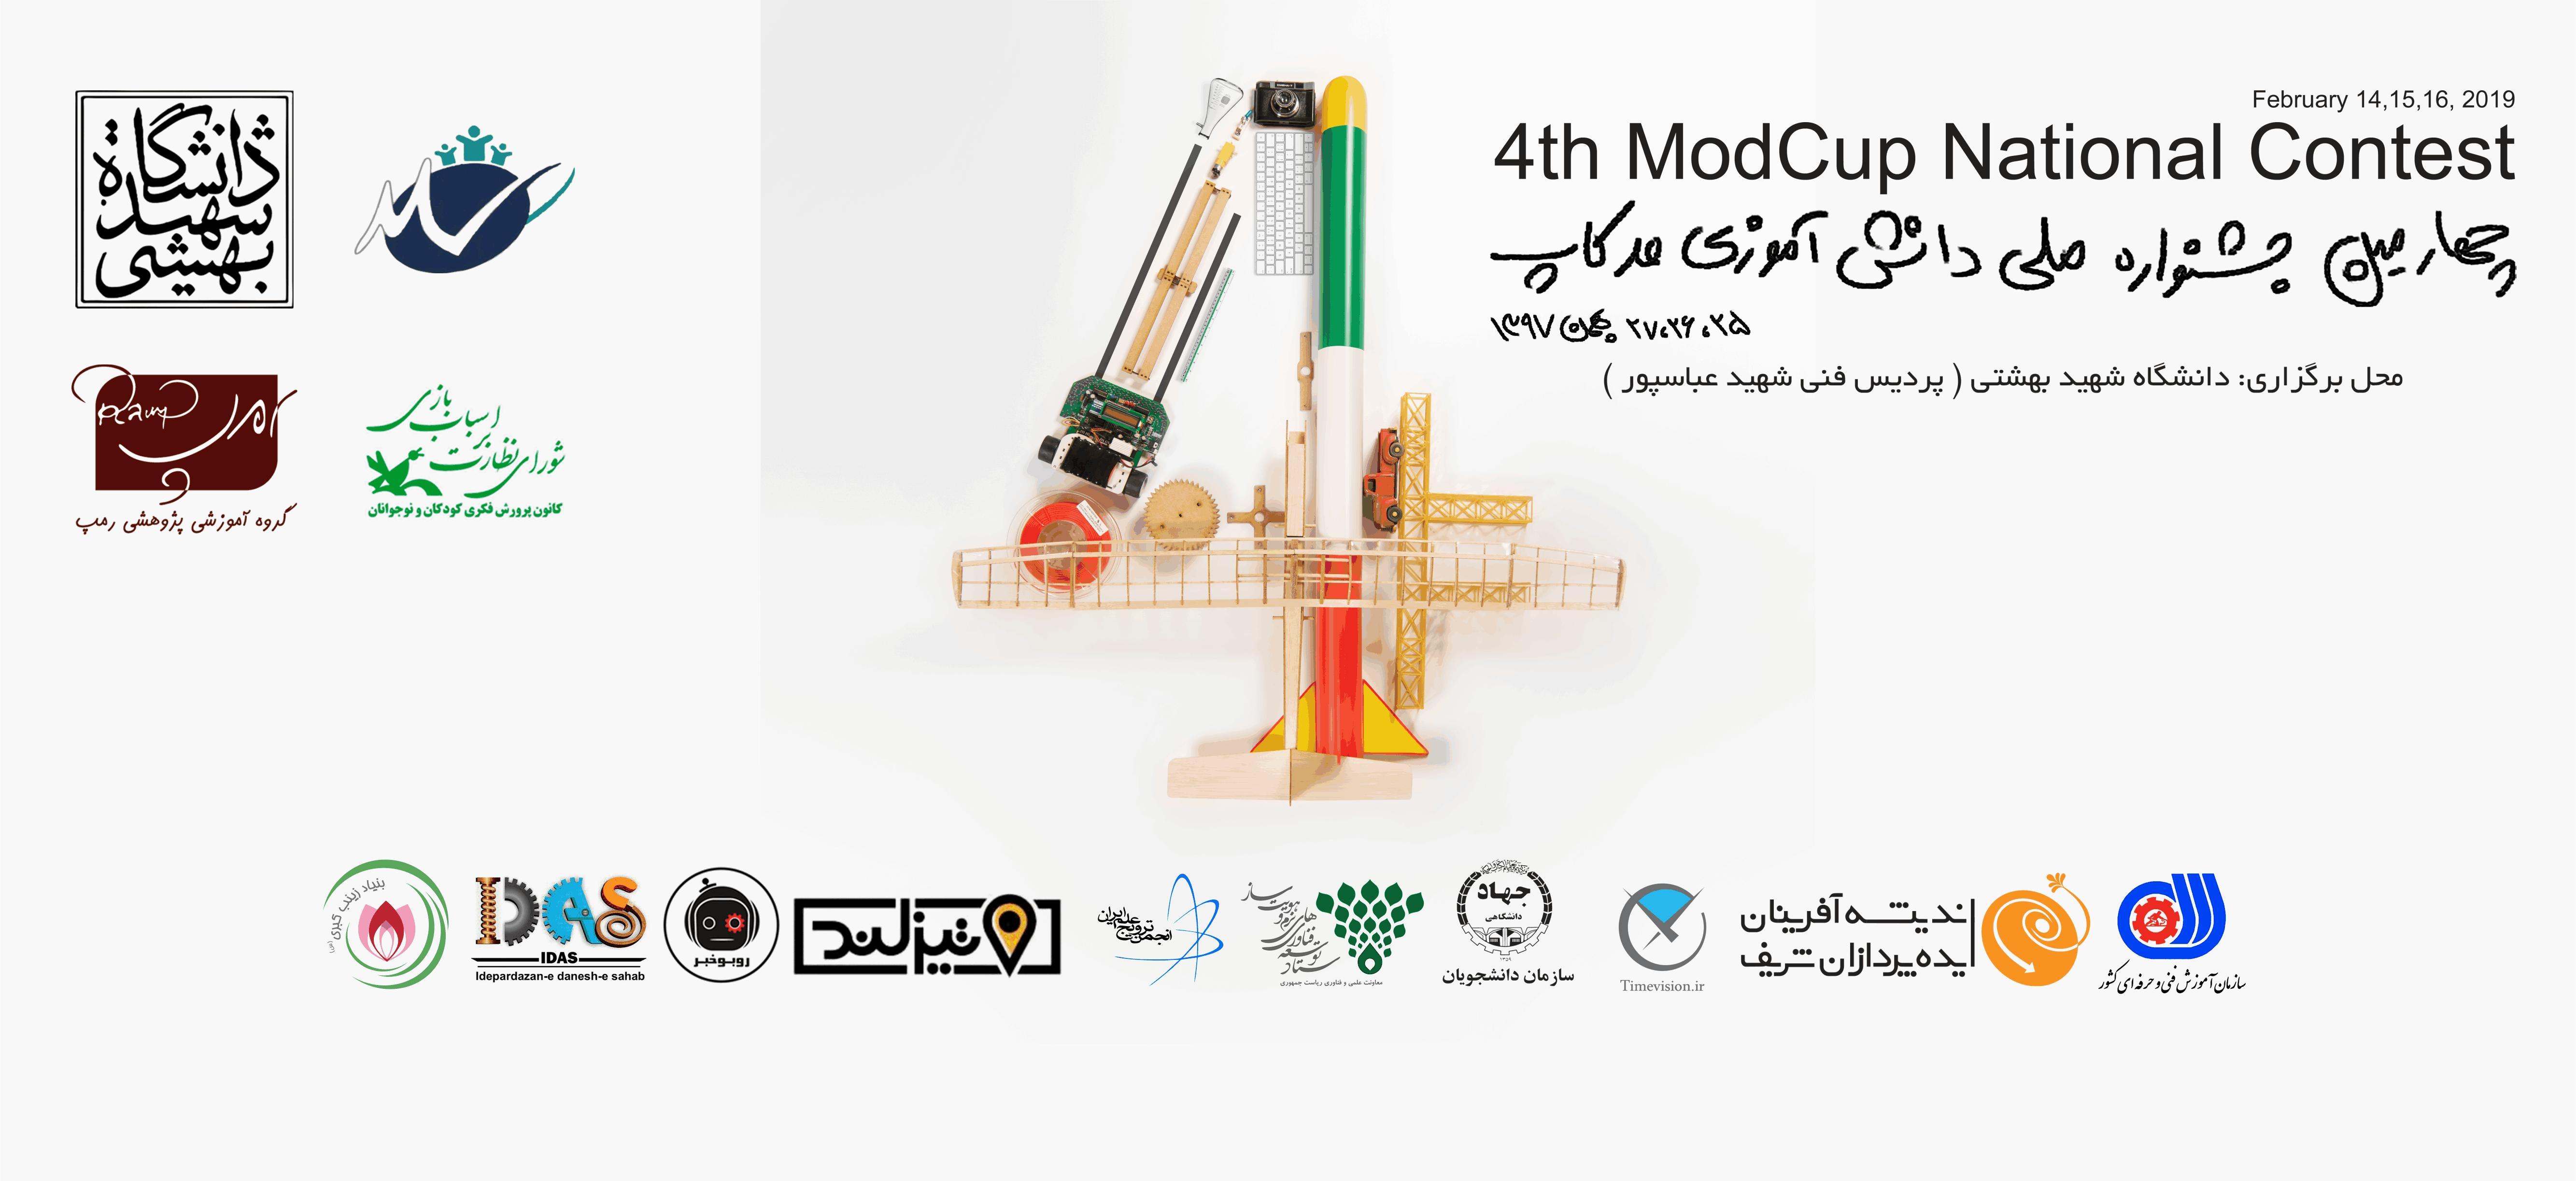 چهارمین جشنواره ملی مدکاپ بهمن ماه برگزار میشود